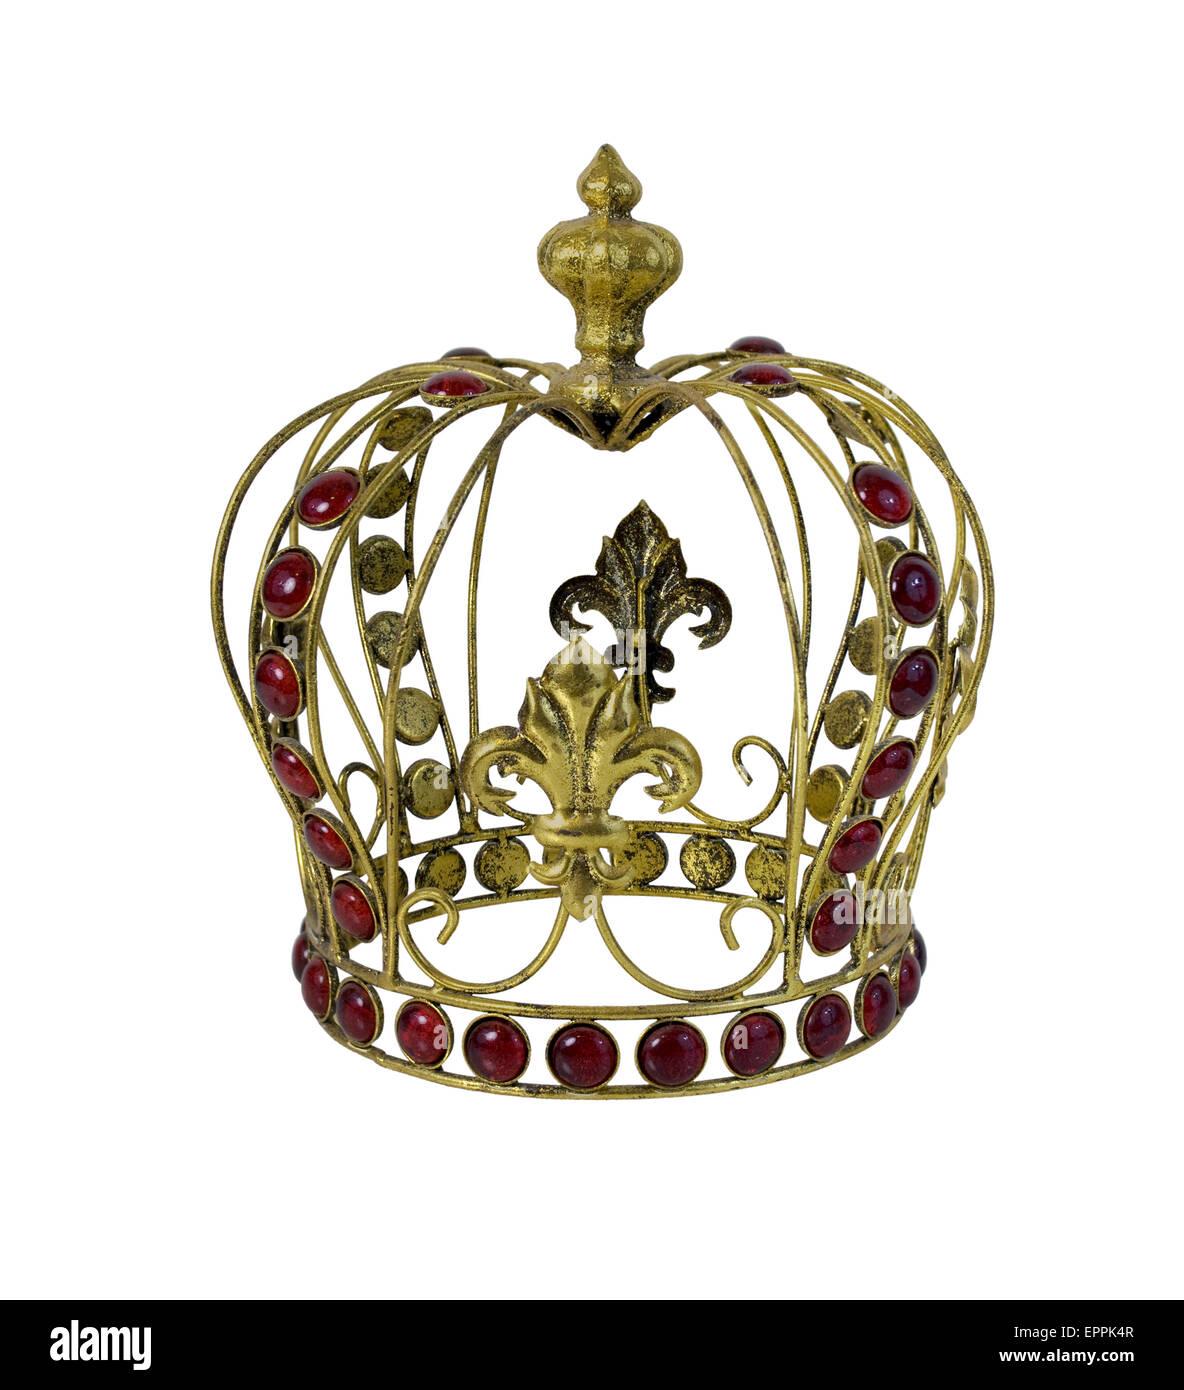 Roter Edelstein Embellished goldene Krone - Pfad enthalten Stockbild